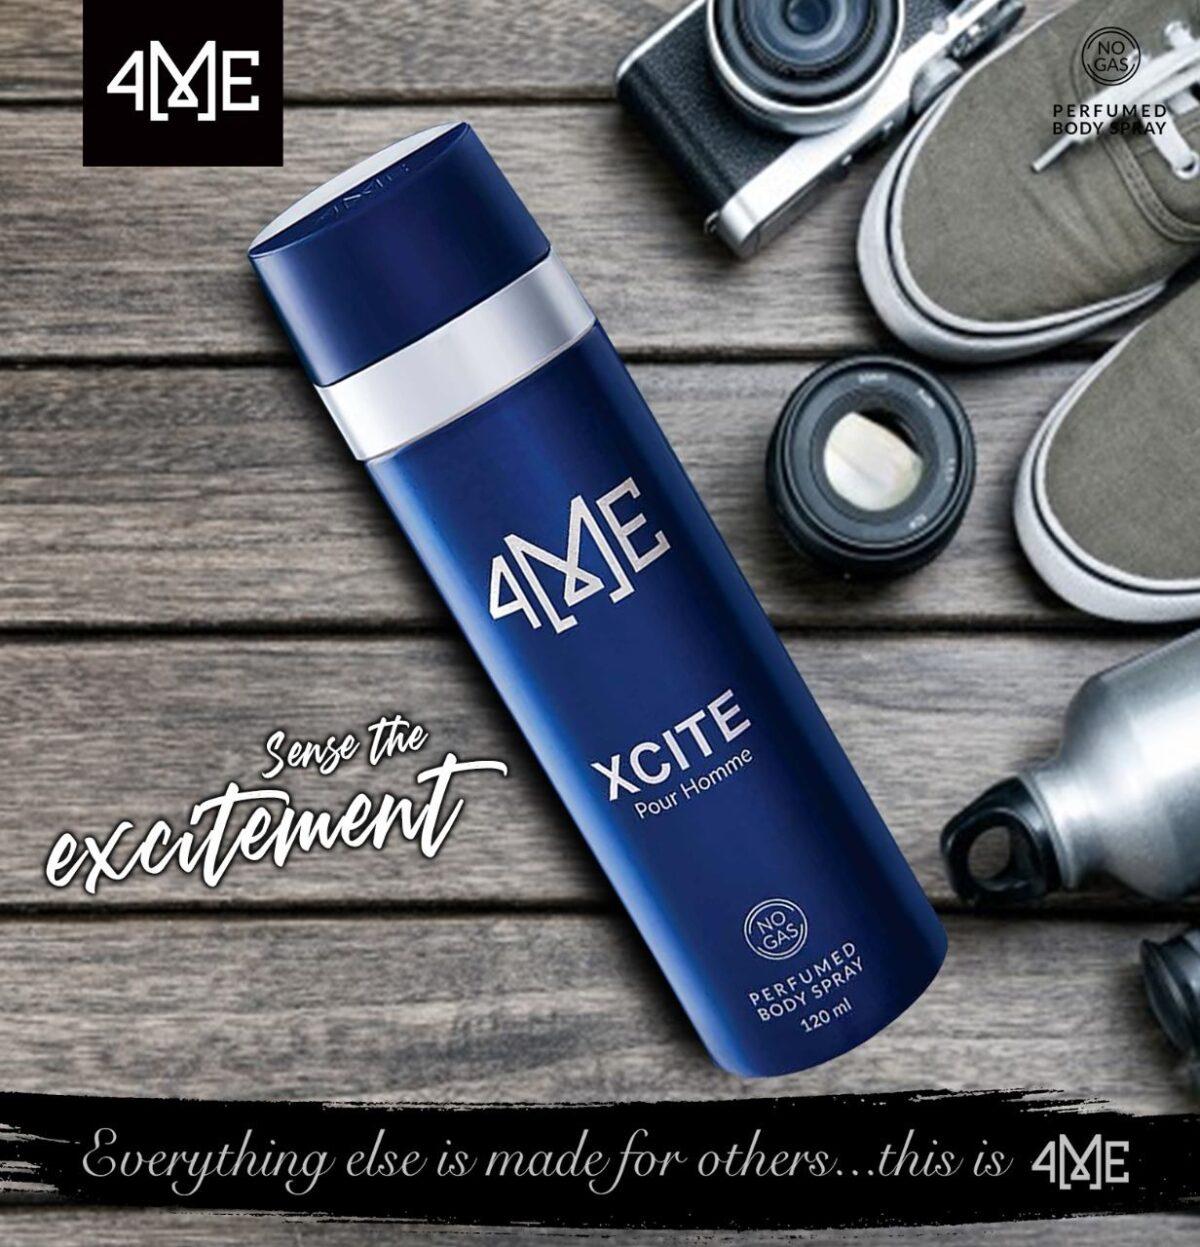 4me body spray